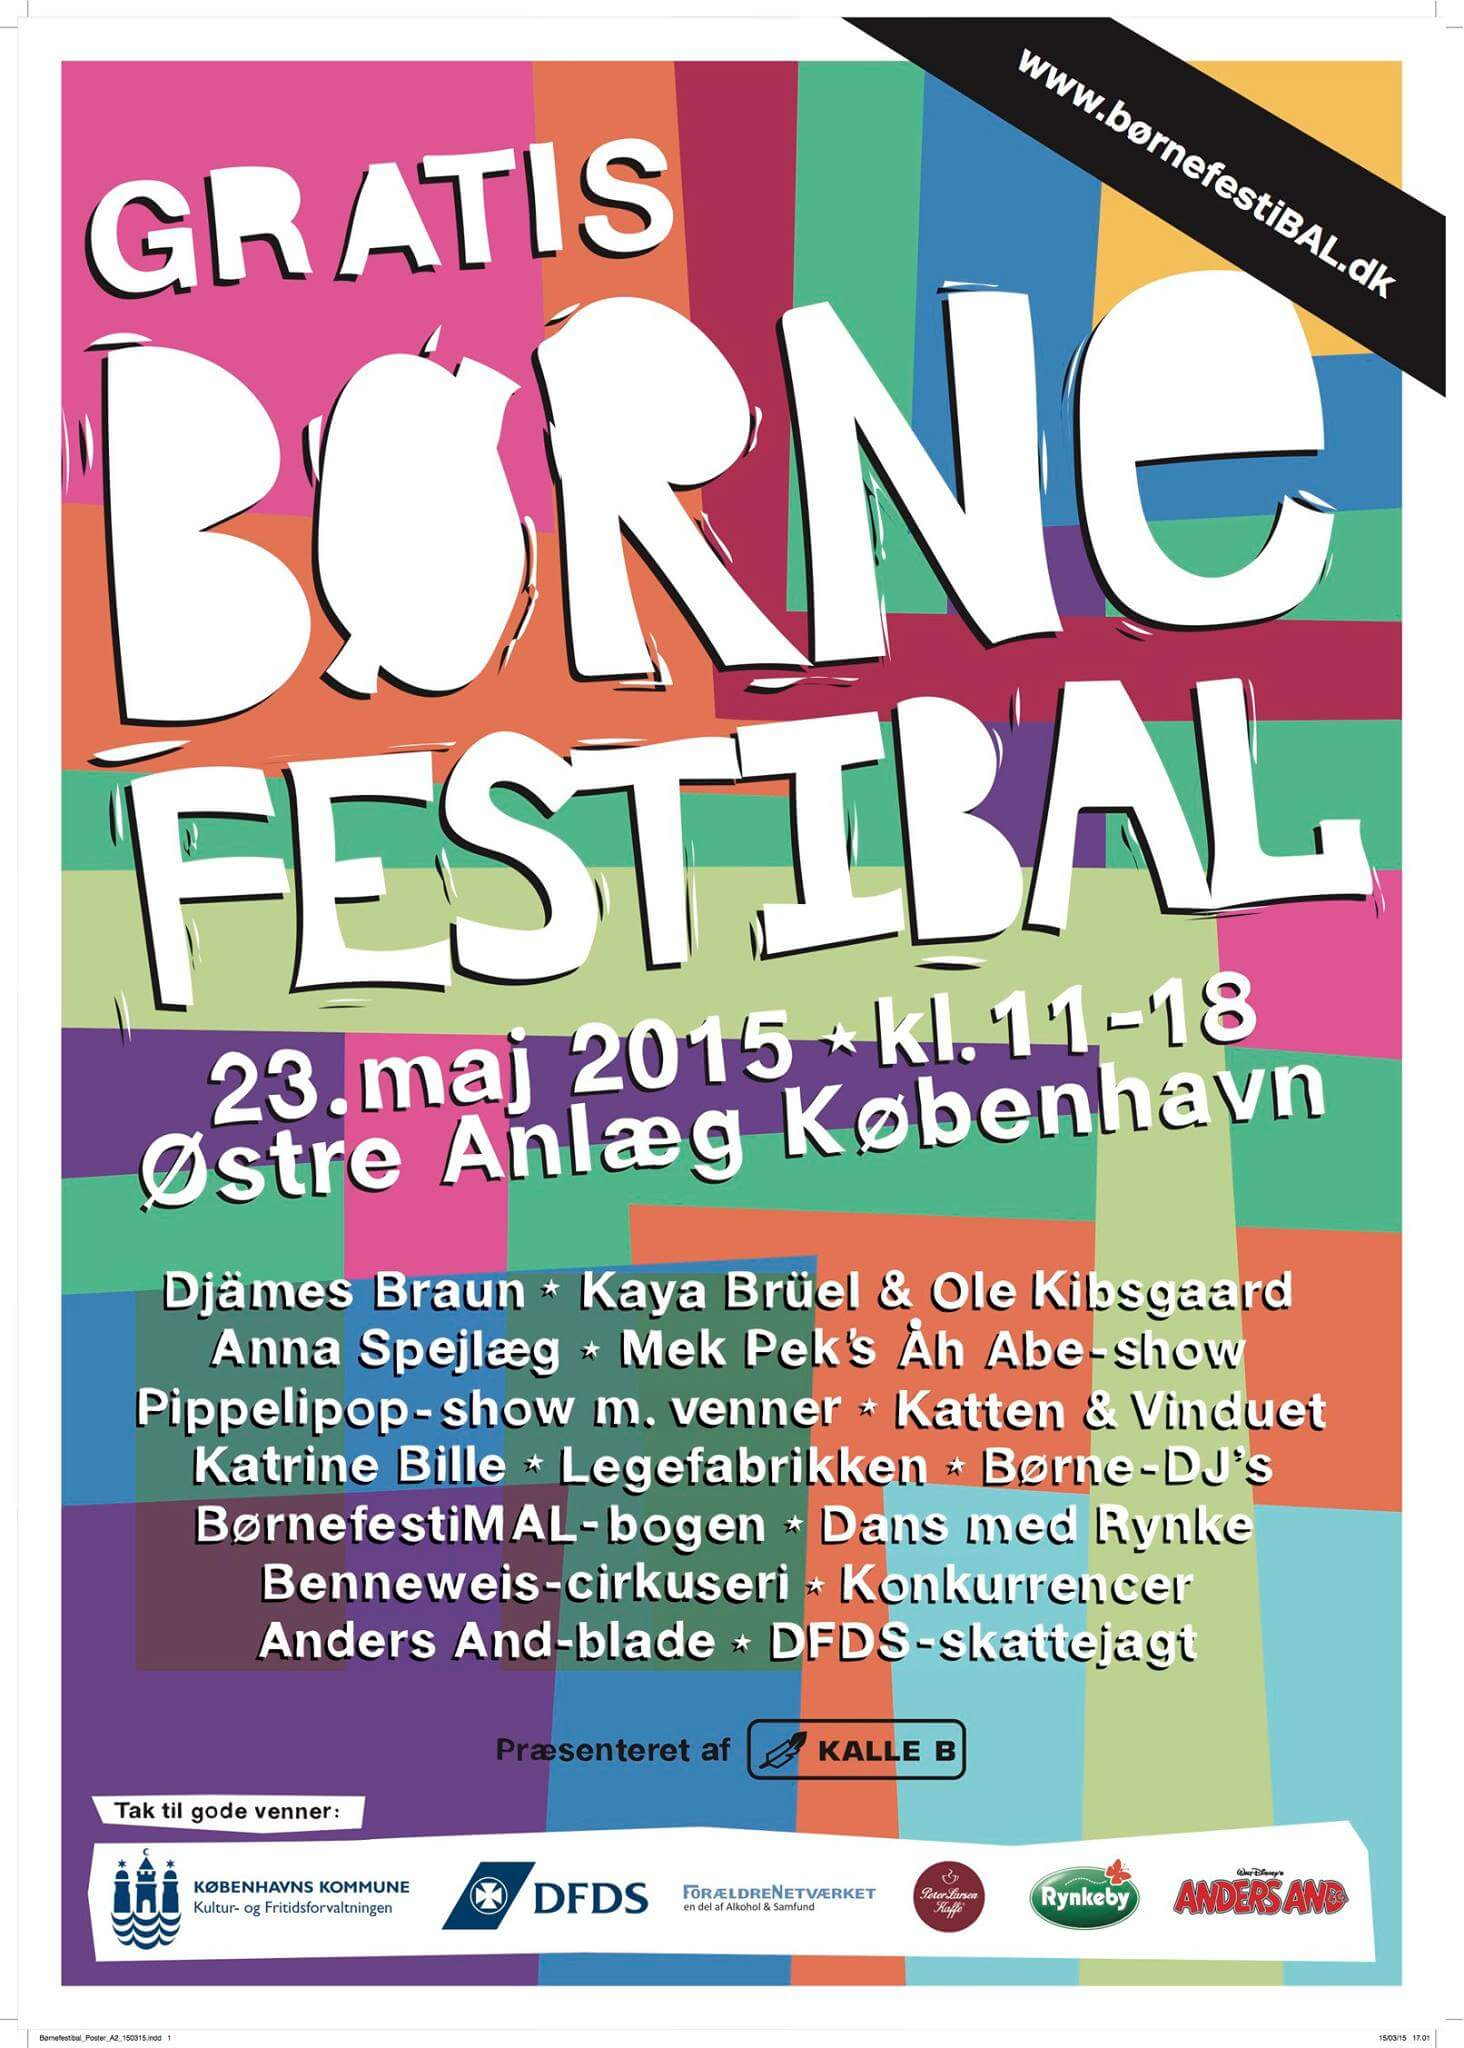 BørnefestiBAL d. 23. maj i Østre Anlæg